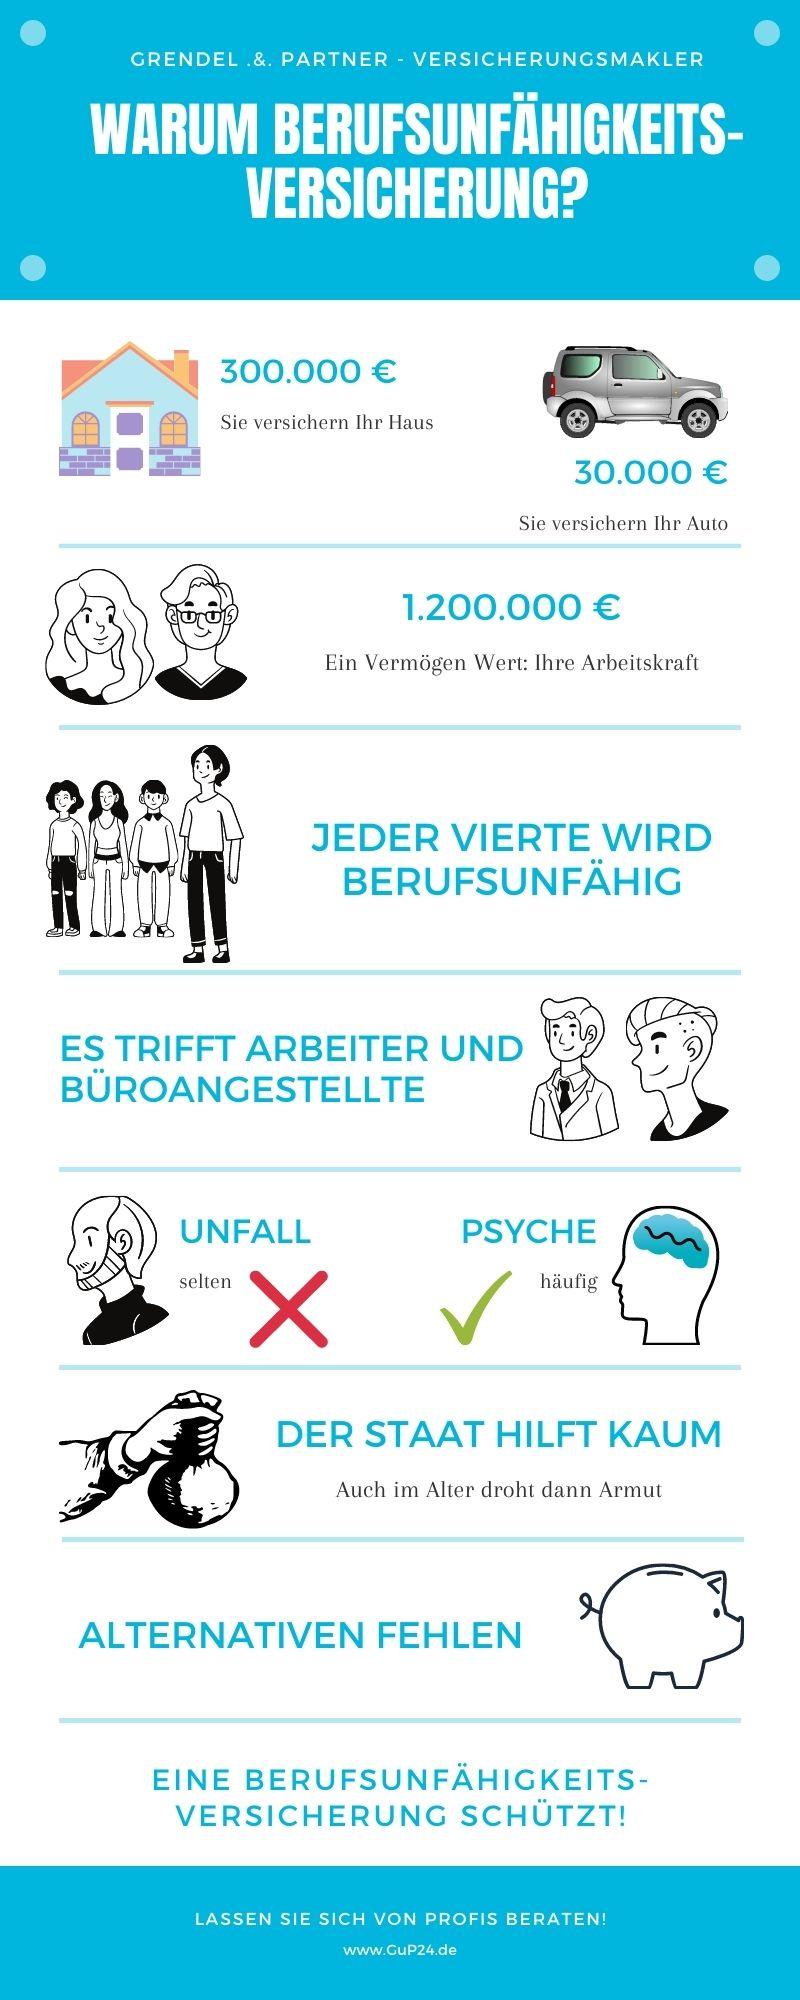 Berufsunfähigkeitsversicherung Dresden